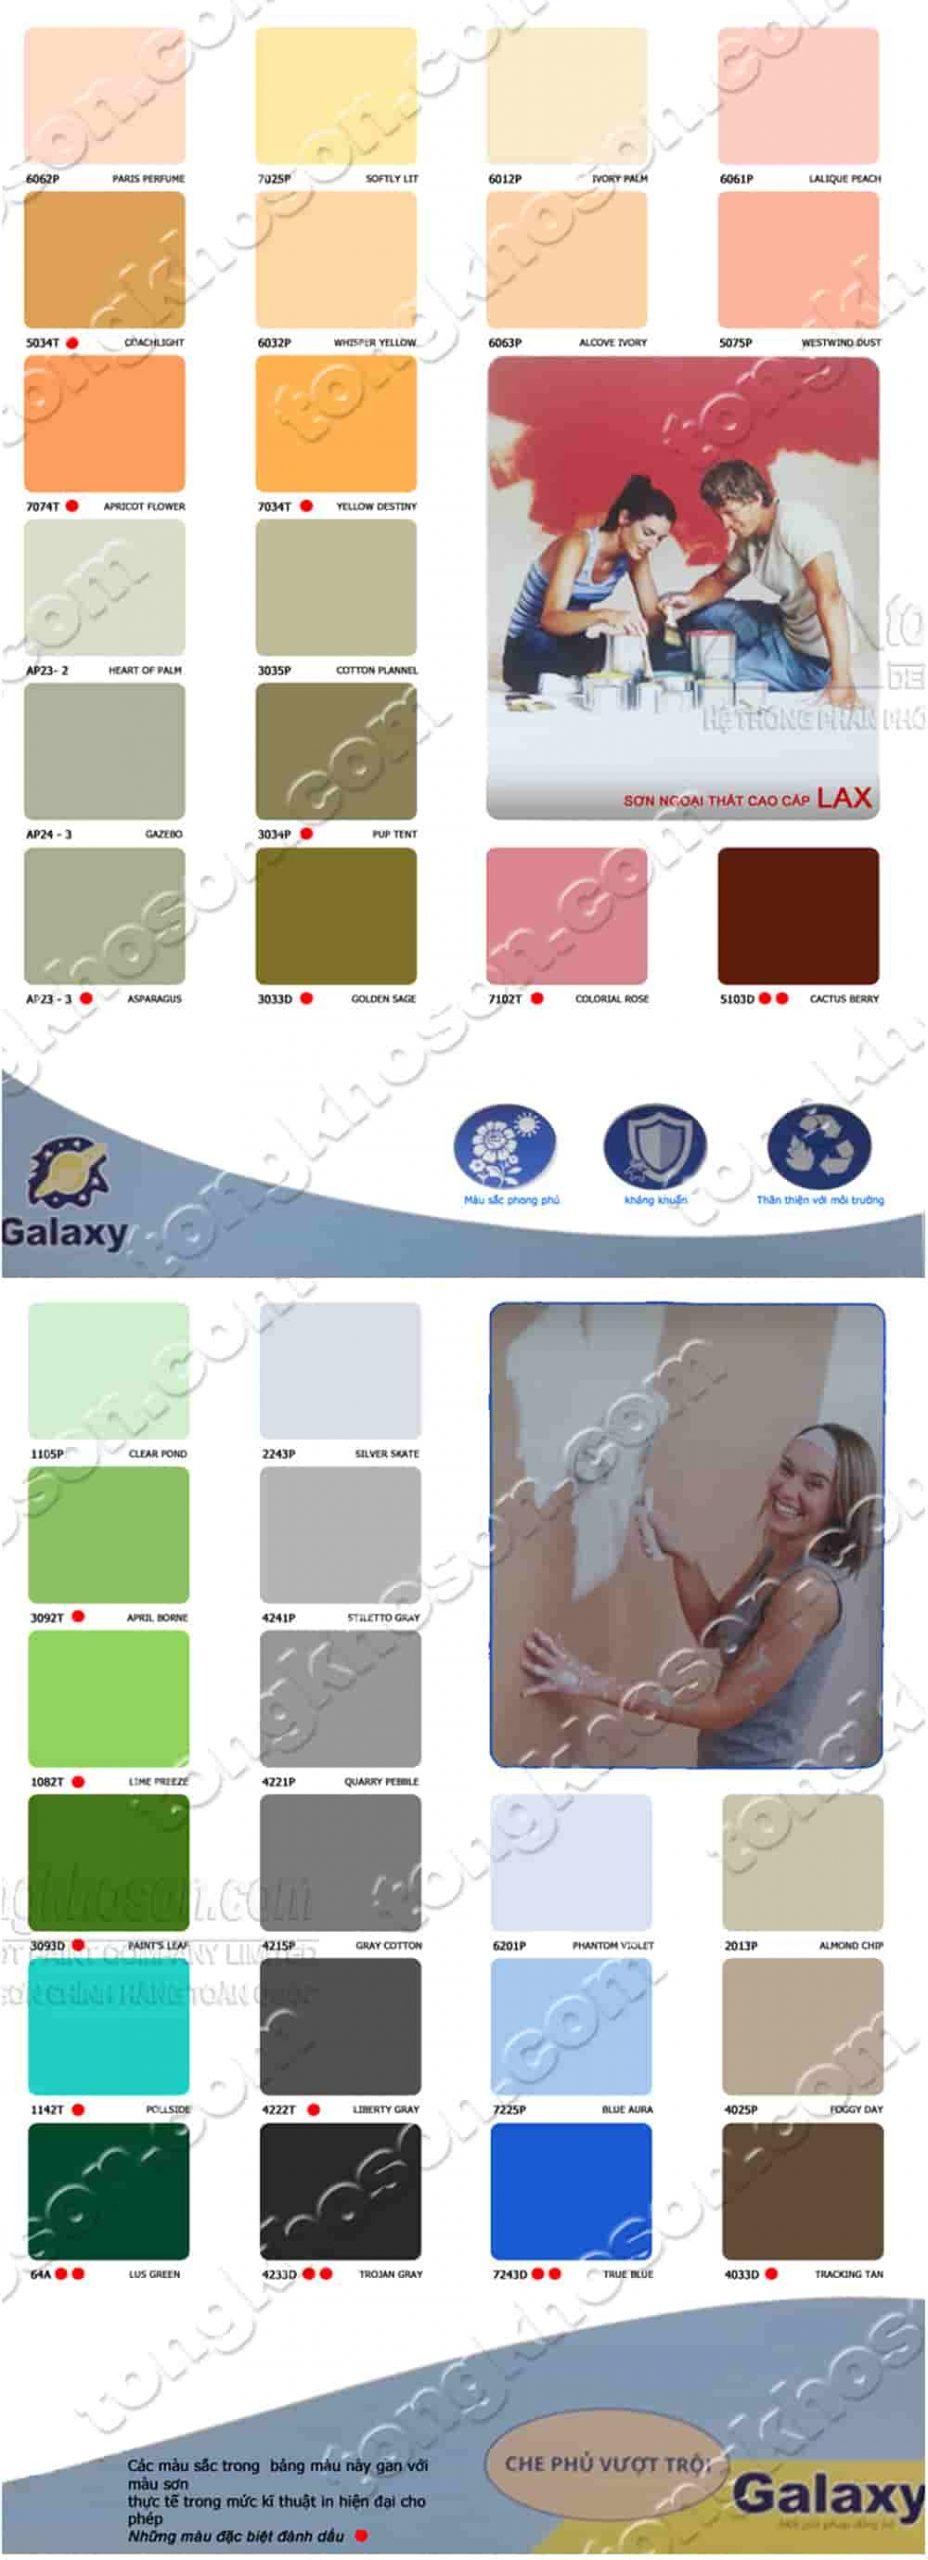 Bảng màu sơn ngoại thất Galaxy Lax